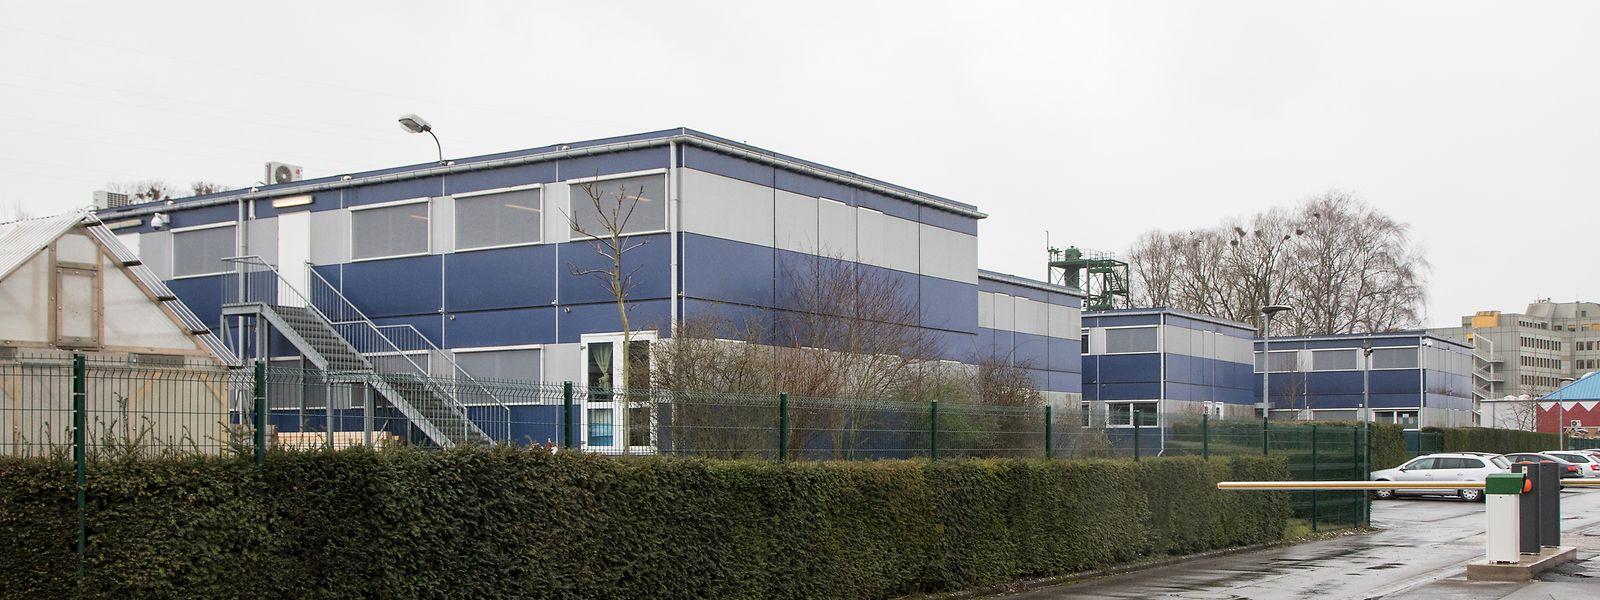 Die Ecole Nationale pour Adultes hat ihren provisorischen Sitz in Hollerich.